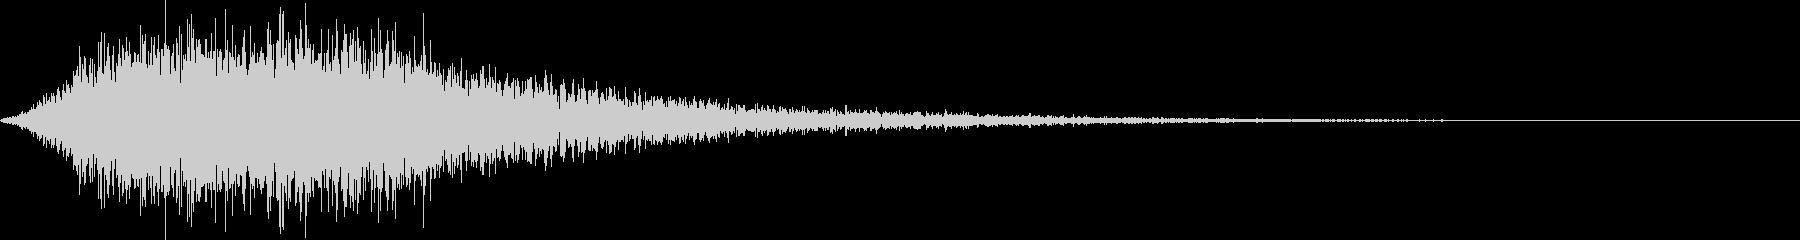 ディープリバーブラントスプラッシュの未再生の波形